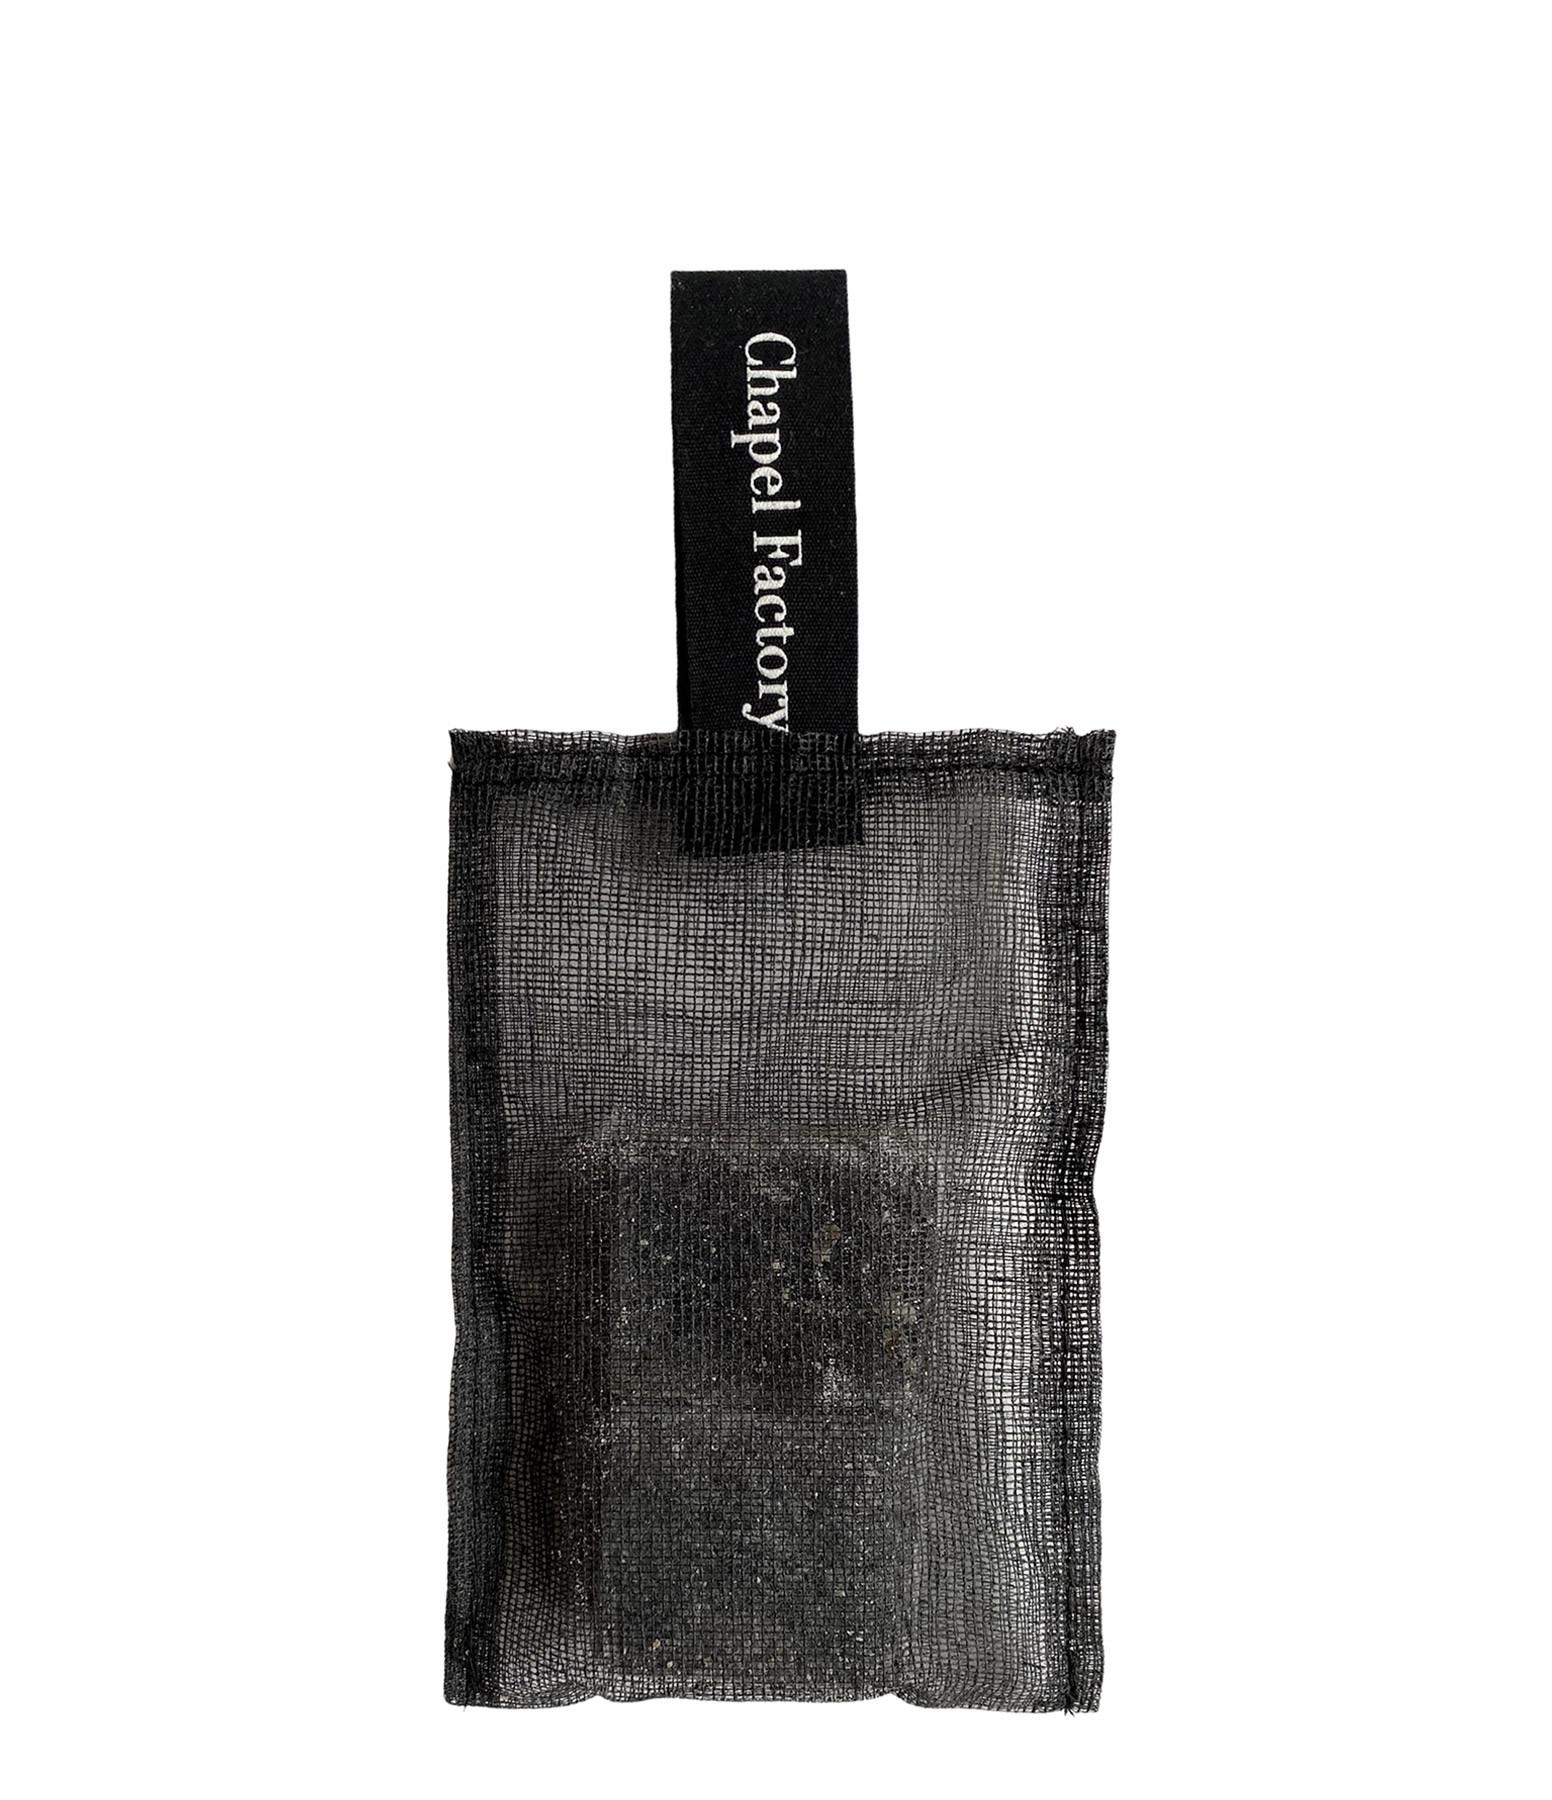 CHAPEL FACTORY - Sachet de 2 Parfums Solides Black Musc